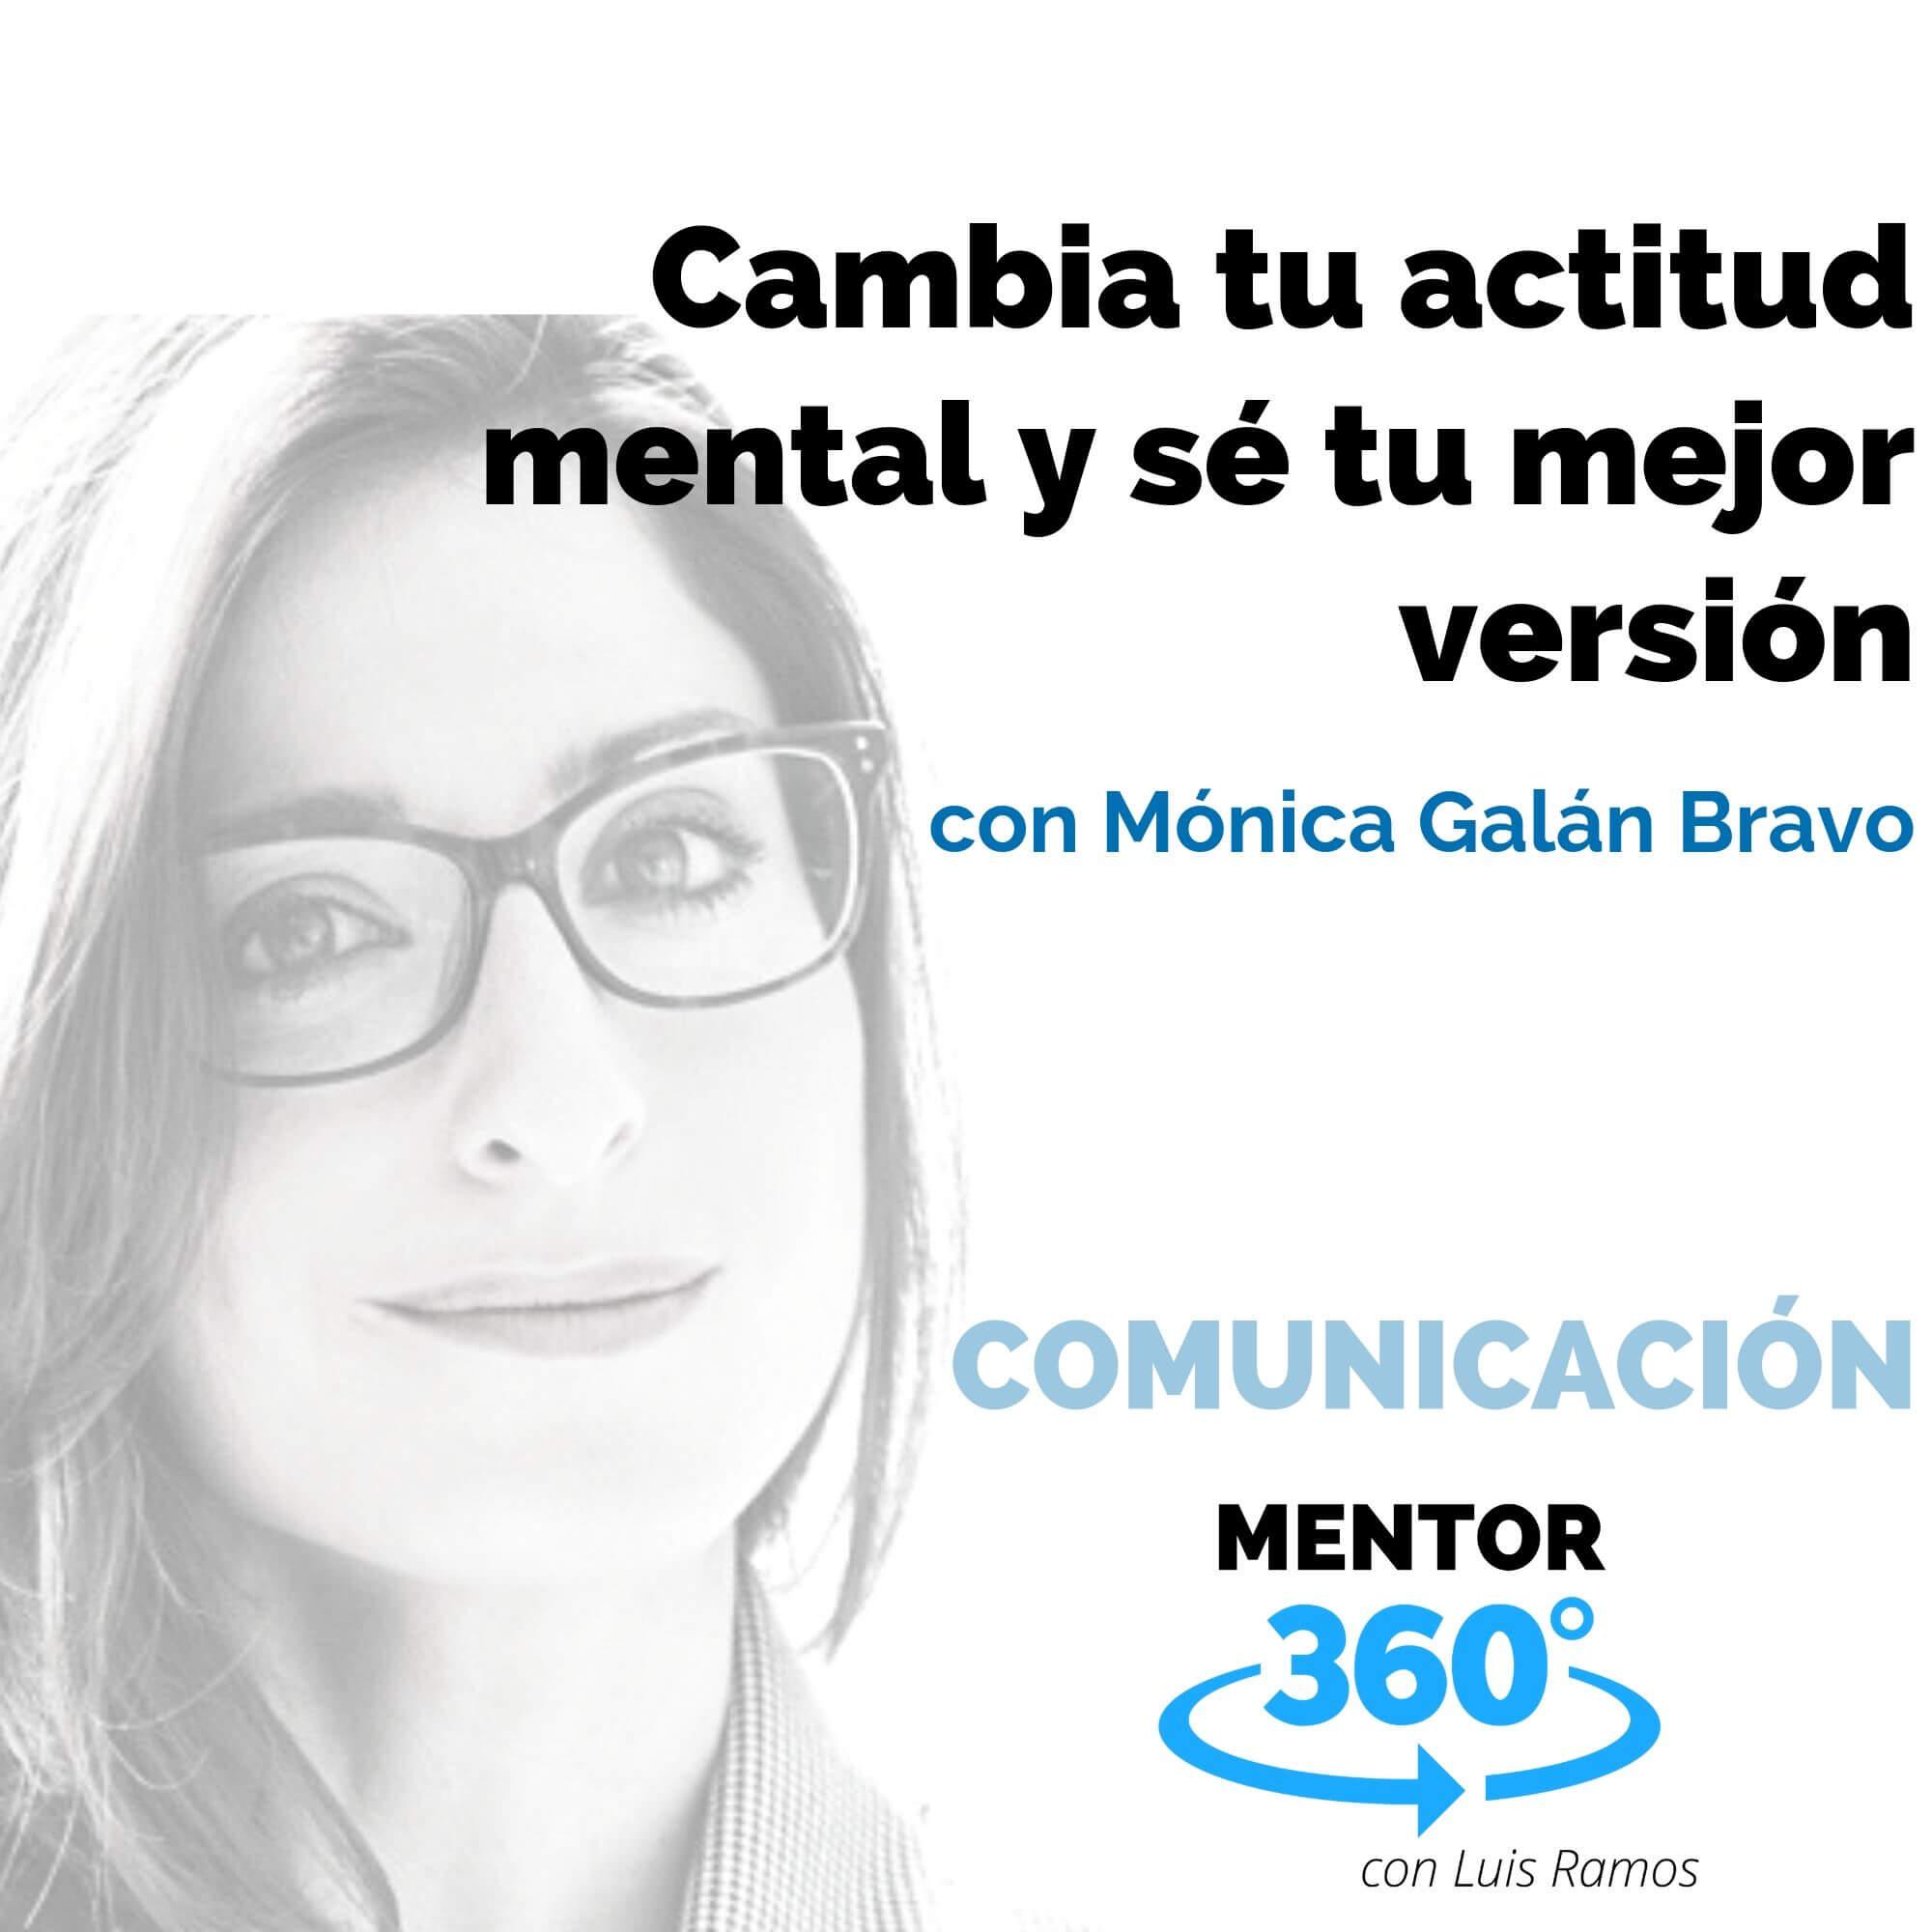 Cambia Tu Actitud Mental y Sé Tu Mejor Versión, con Mónica Galán Bravo - COMUNICACIÓN